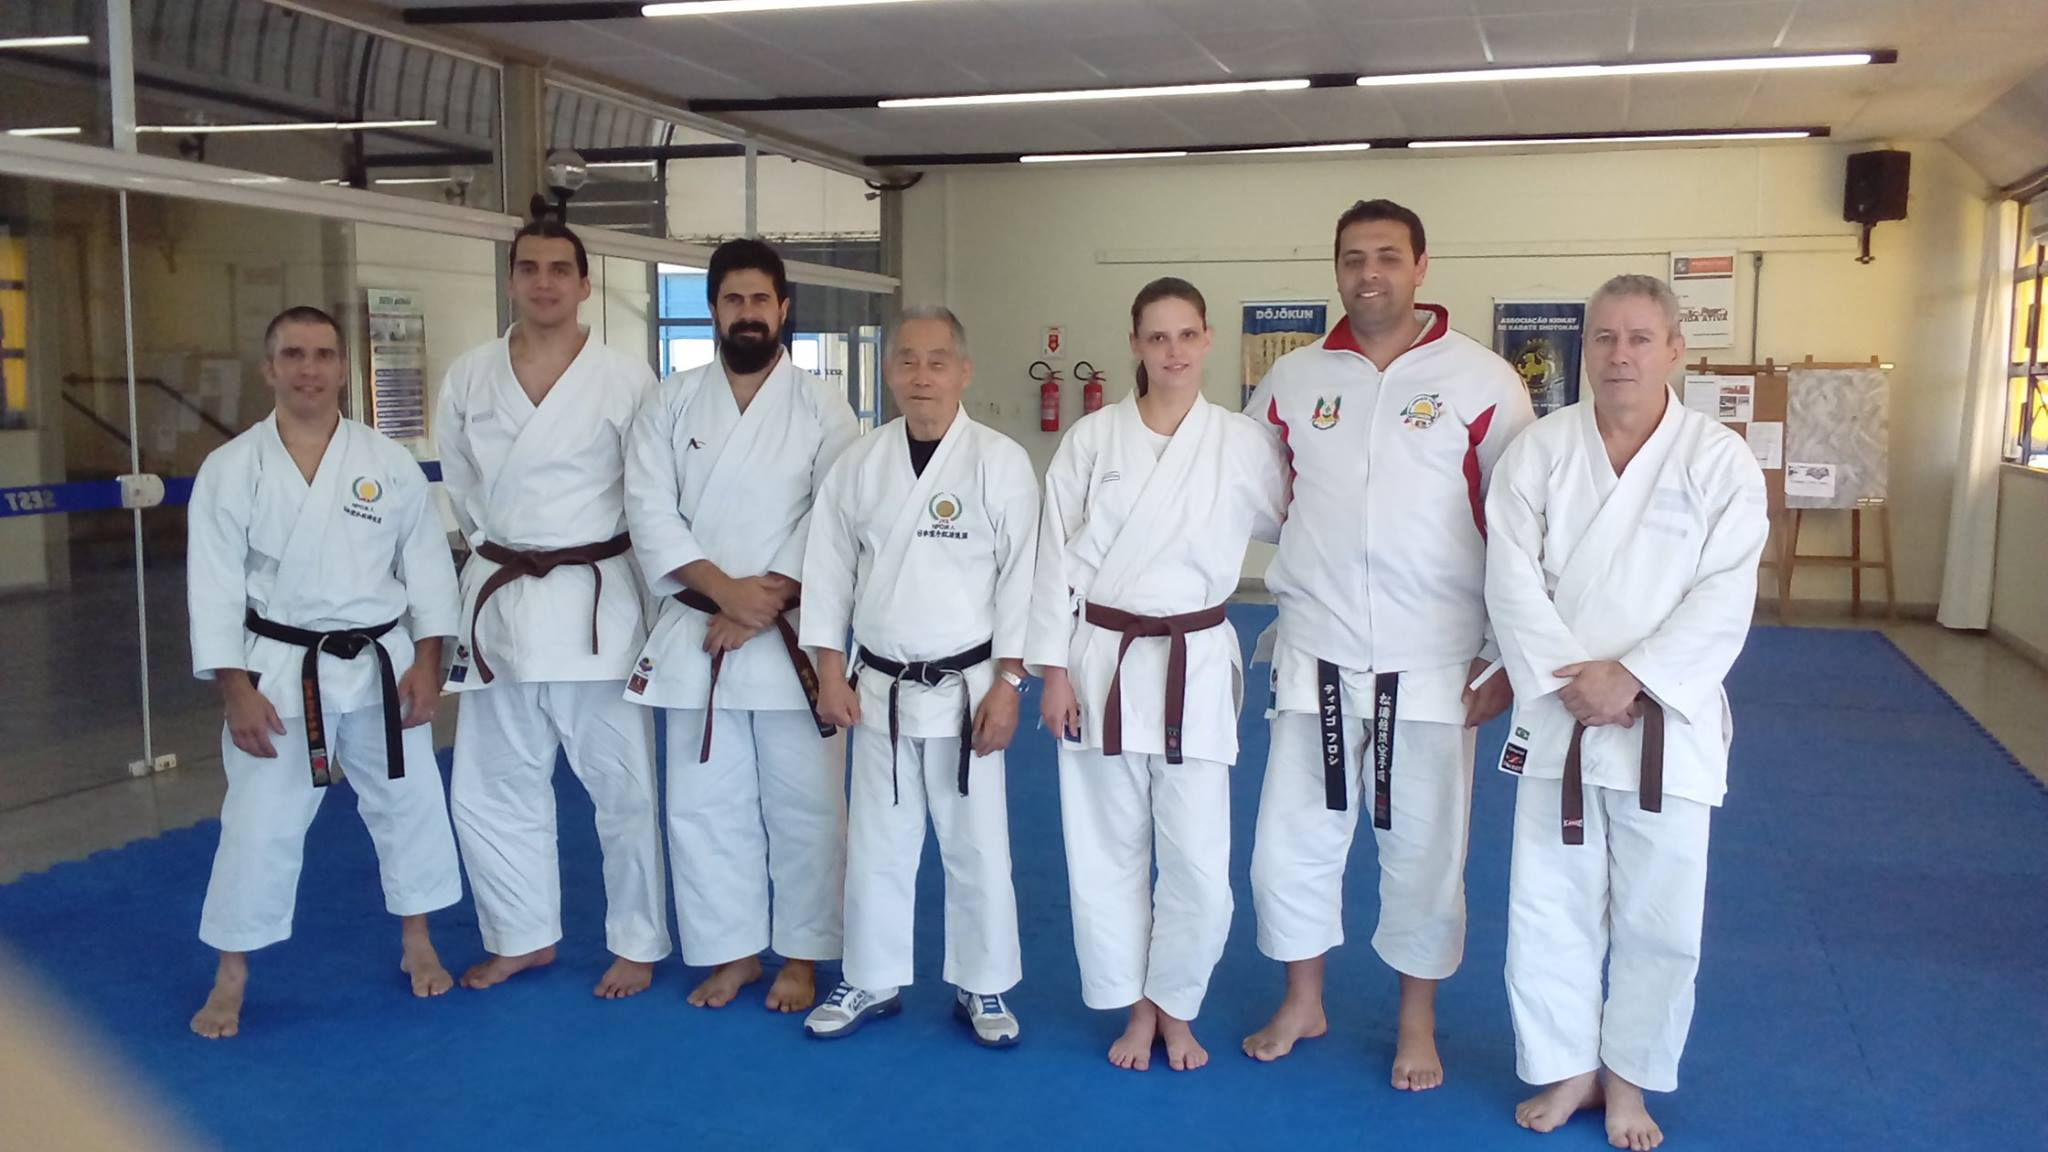 Sadamu Uriu JKS Karate